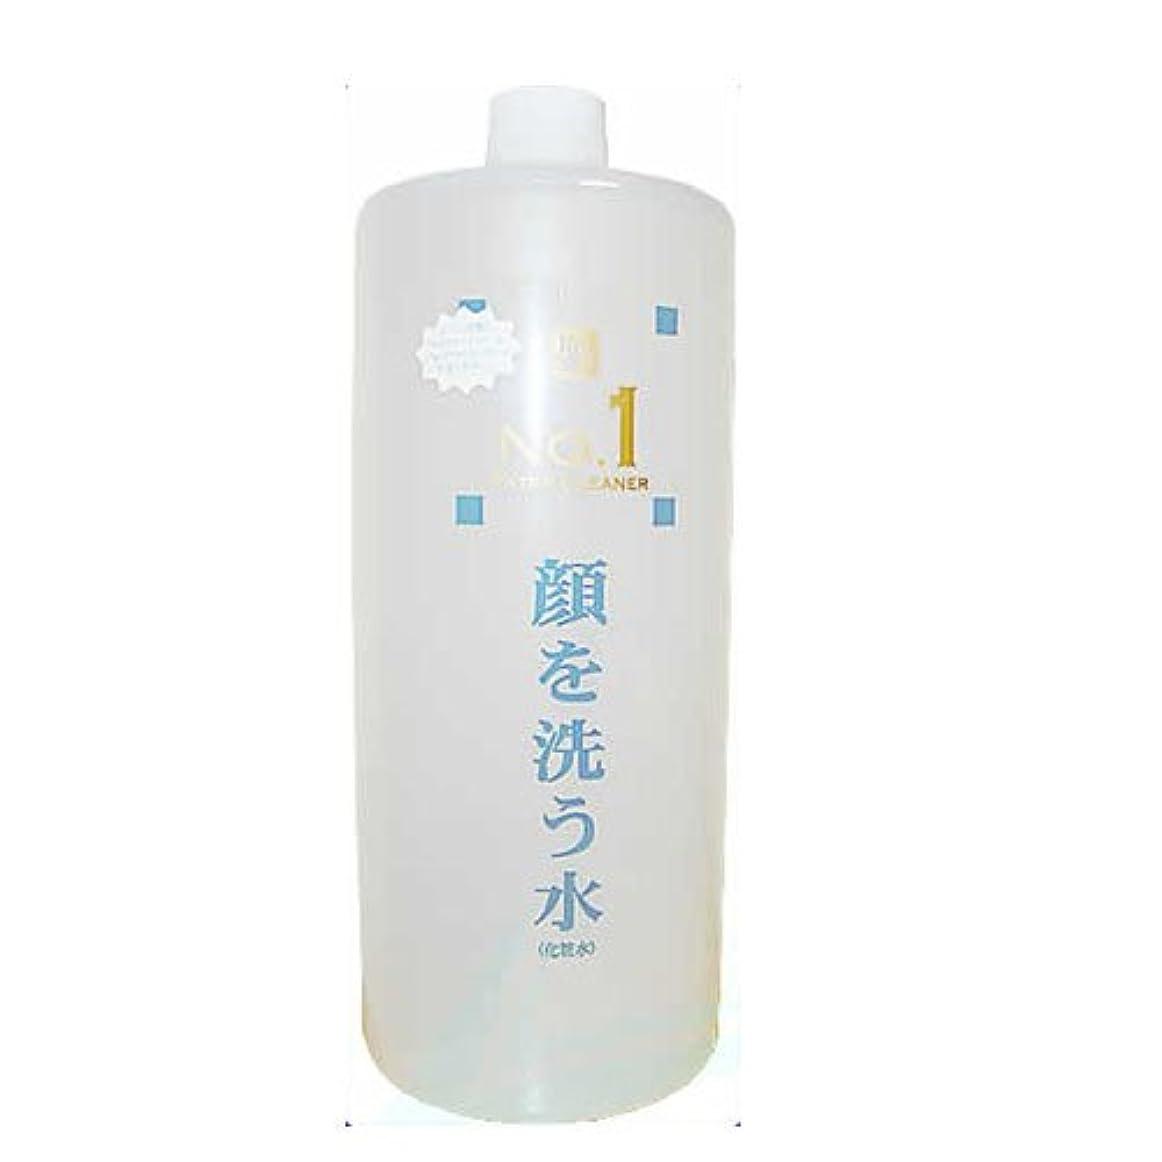 アライメントベーリング海峡嘆願顔を洗う水シリーズ No.1 500ml